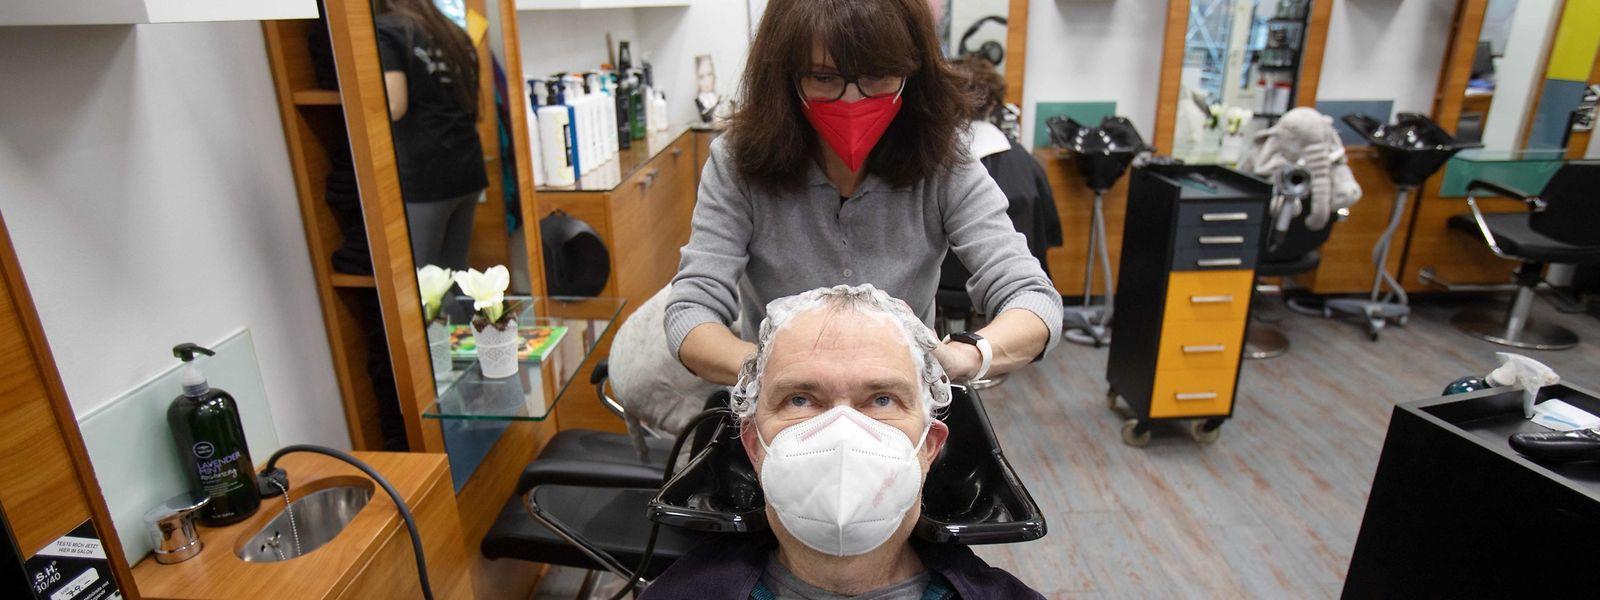 En Autriche, le port du masque FFP2 est obligatoire dans les commerces et prestataires de services, comme coiffeurs ou garagistes.